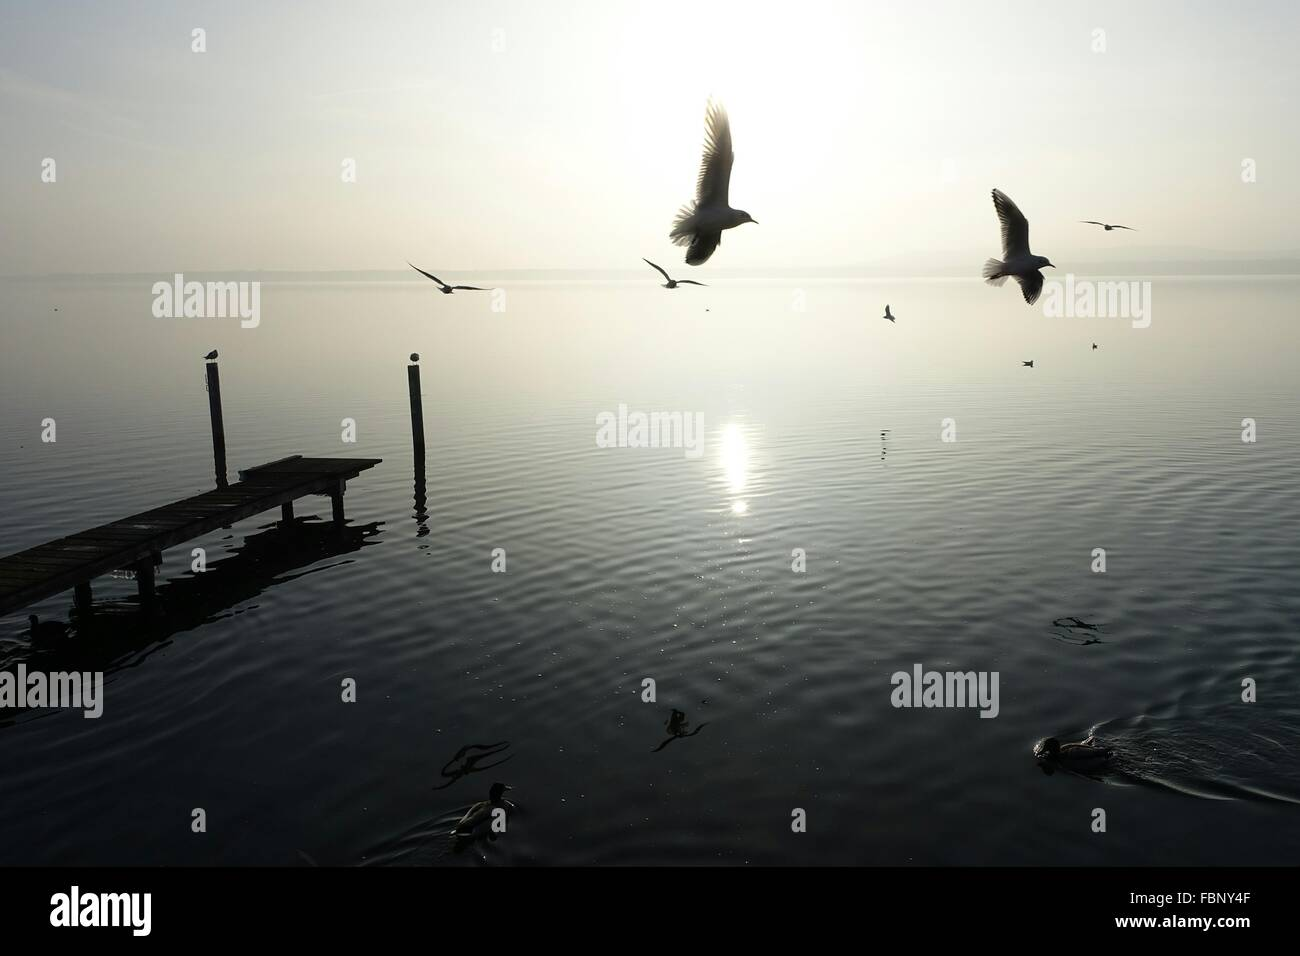 Bird Flying Over Lake - Stock Image